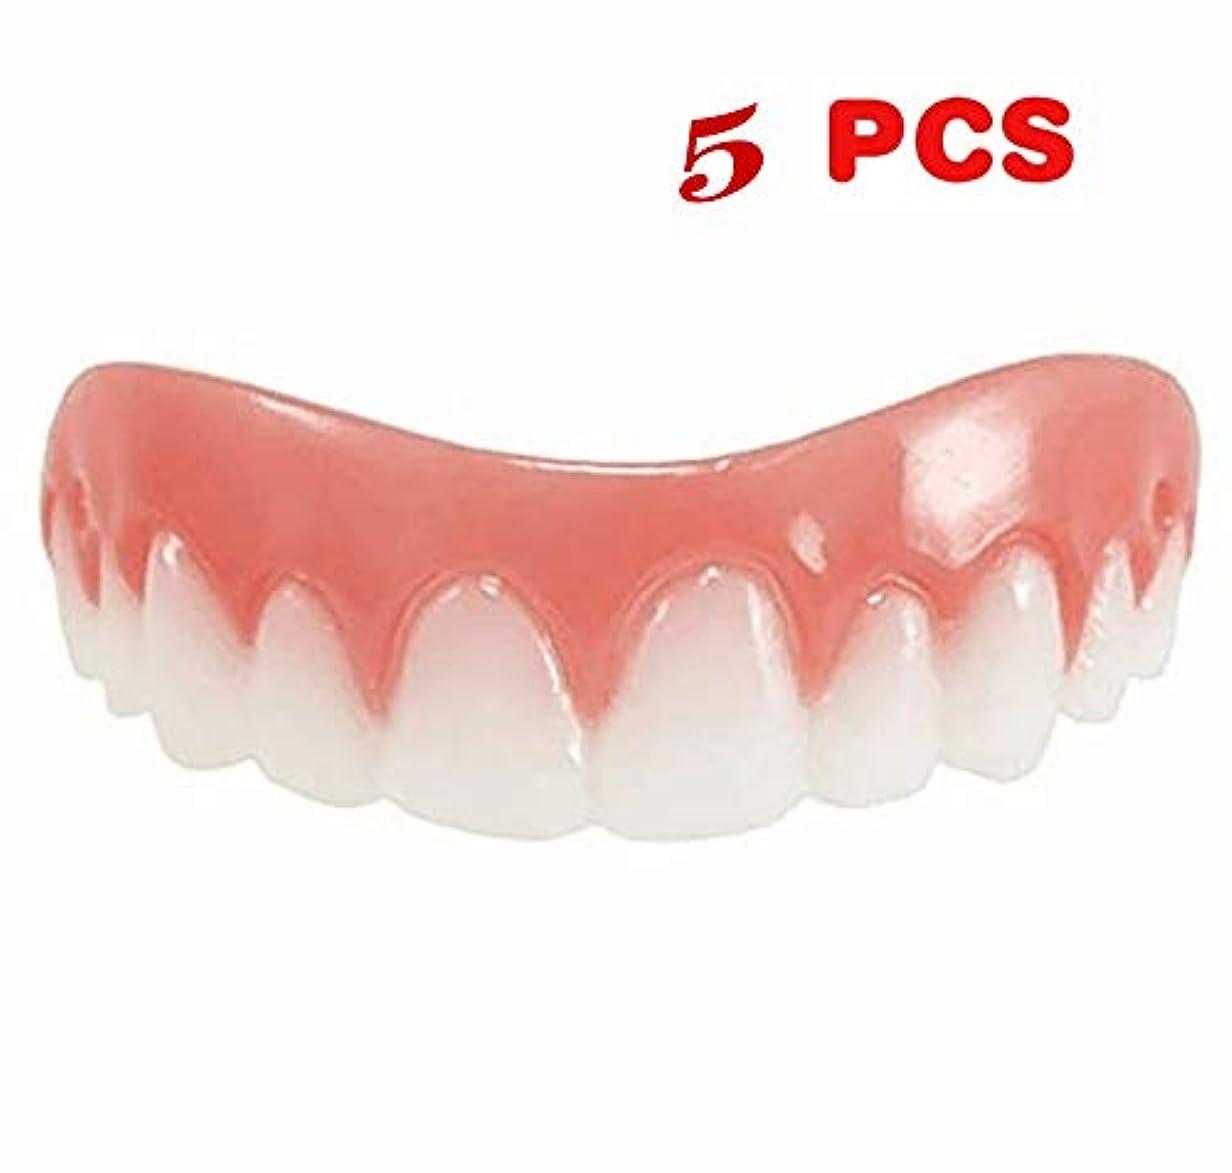 代名詞テセウス系譜新しい再利用可能な大人のスナップオンパーフェクトスマイルホワイトニング義歯フィットフレックス化粧品歯快適なベニアカバーデンタルケアアクセサリー